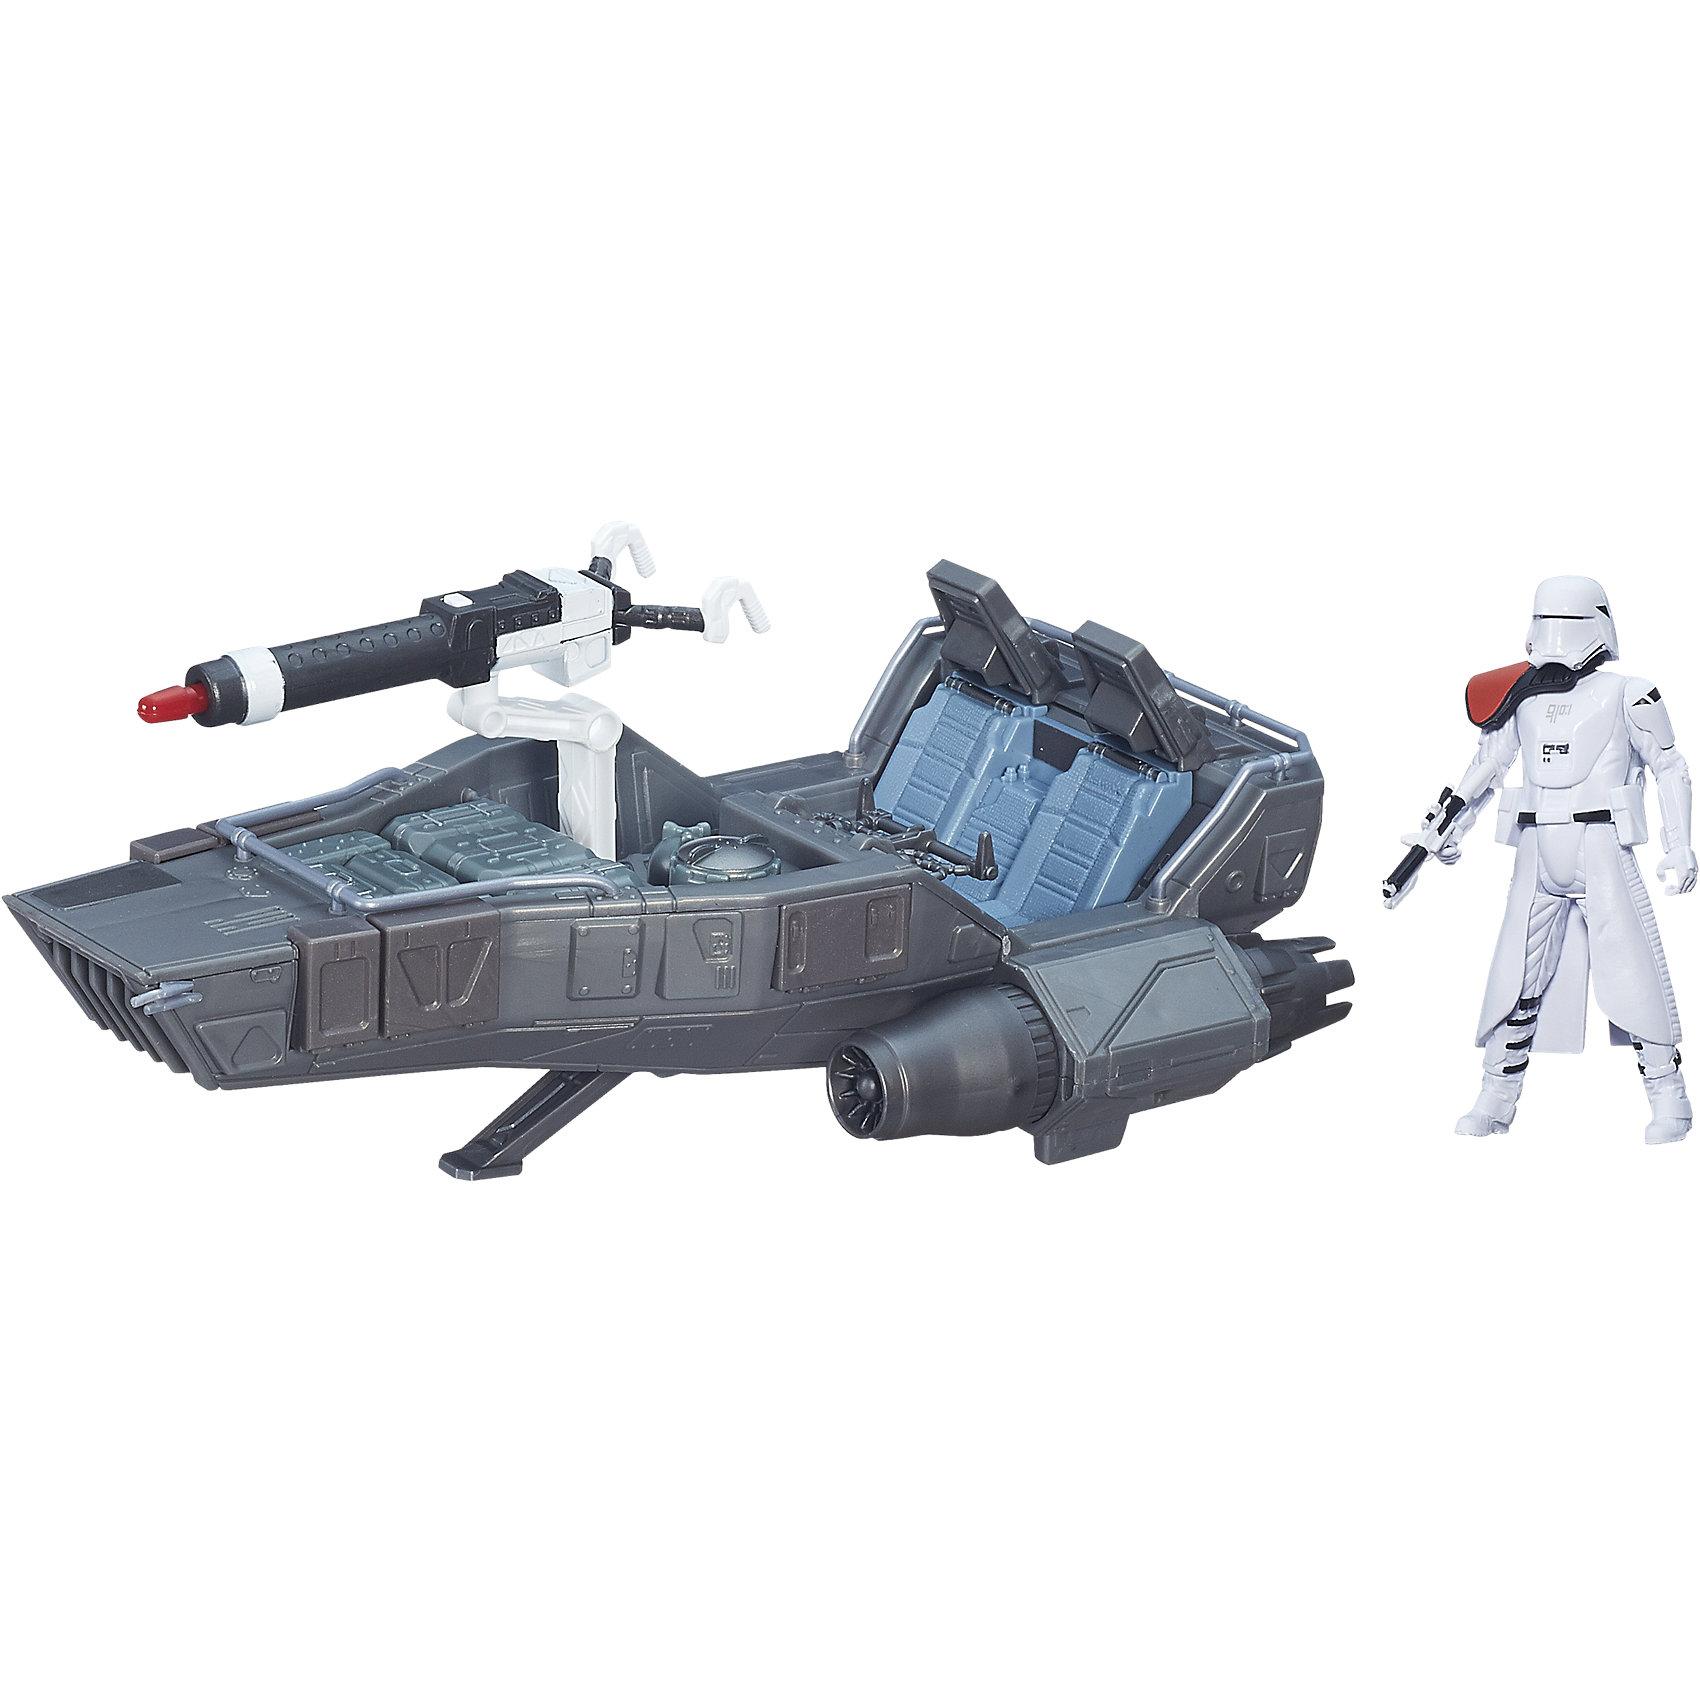 Космический корабль Класс II, Звездные войныСоздай свой галактический флот Звездных войн с космическим кораблем среднего размера из нового эпизода саги. Мощный и быстрый спидер, предназначен для особых миссий на заснеженных планетах. Фантастический летательный аппарат использует силу гравитации планеты и поднимается над поверхностью на высоту до двух метров! Игрушка выполнена из высококачественного пластика, прекрасно детализирована и реалистично раскрашена. Космический корабль станет замечательным подарком для все поклонников легендарной саги.<br><br>Дополнительная информация:<br><br>- Материал: пластик.<br>- Размер: 35,6х27 см.<br>- Высота фигурки: 9,5 см.<br>- Комплектация: спидер, ракета, фигурка.<br>- Функция стрельбы ракетами. <br><br>Космический корабль Класс II,  Звездные войны (Star Wars), можно купить в нашем магазине.<br><br>Ширина мм: 356<br>Глубина мм: 269<br>Высота мм: 88<br>Вес г: 524<br>Возраст от месяцев: 48<br>Возраст до месяцев: 96<br>Пол: Мужской<br>Возраст: Детский<br>SKU: 4189954